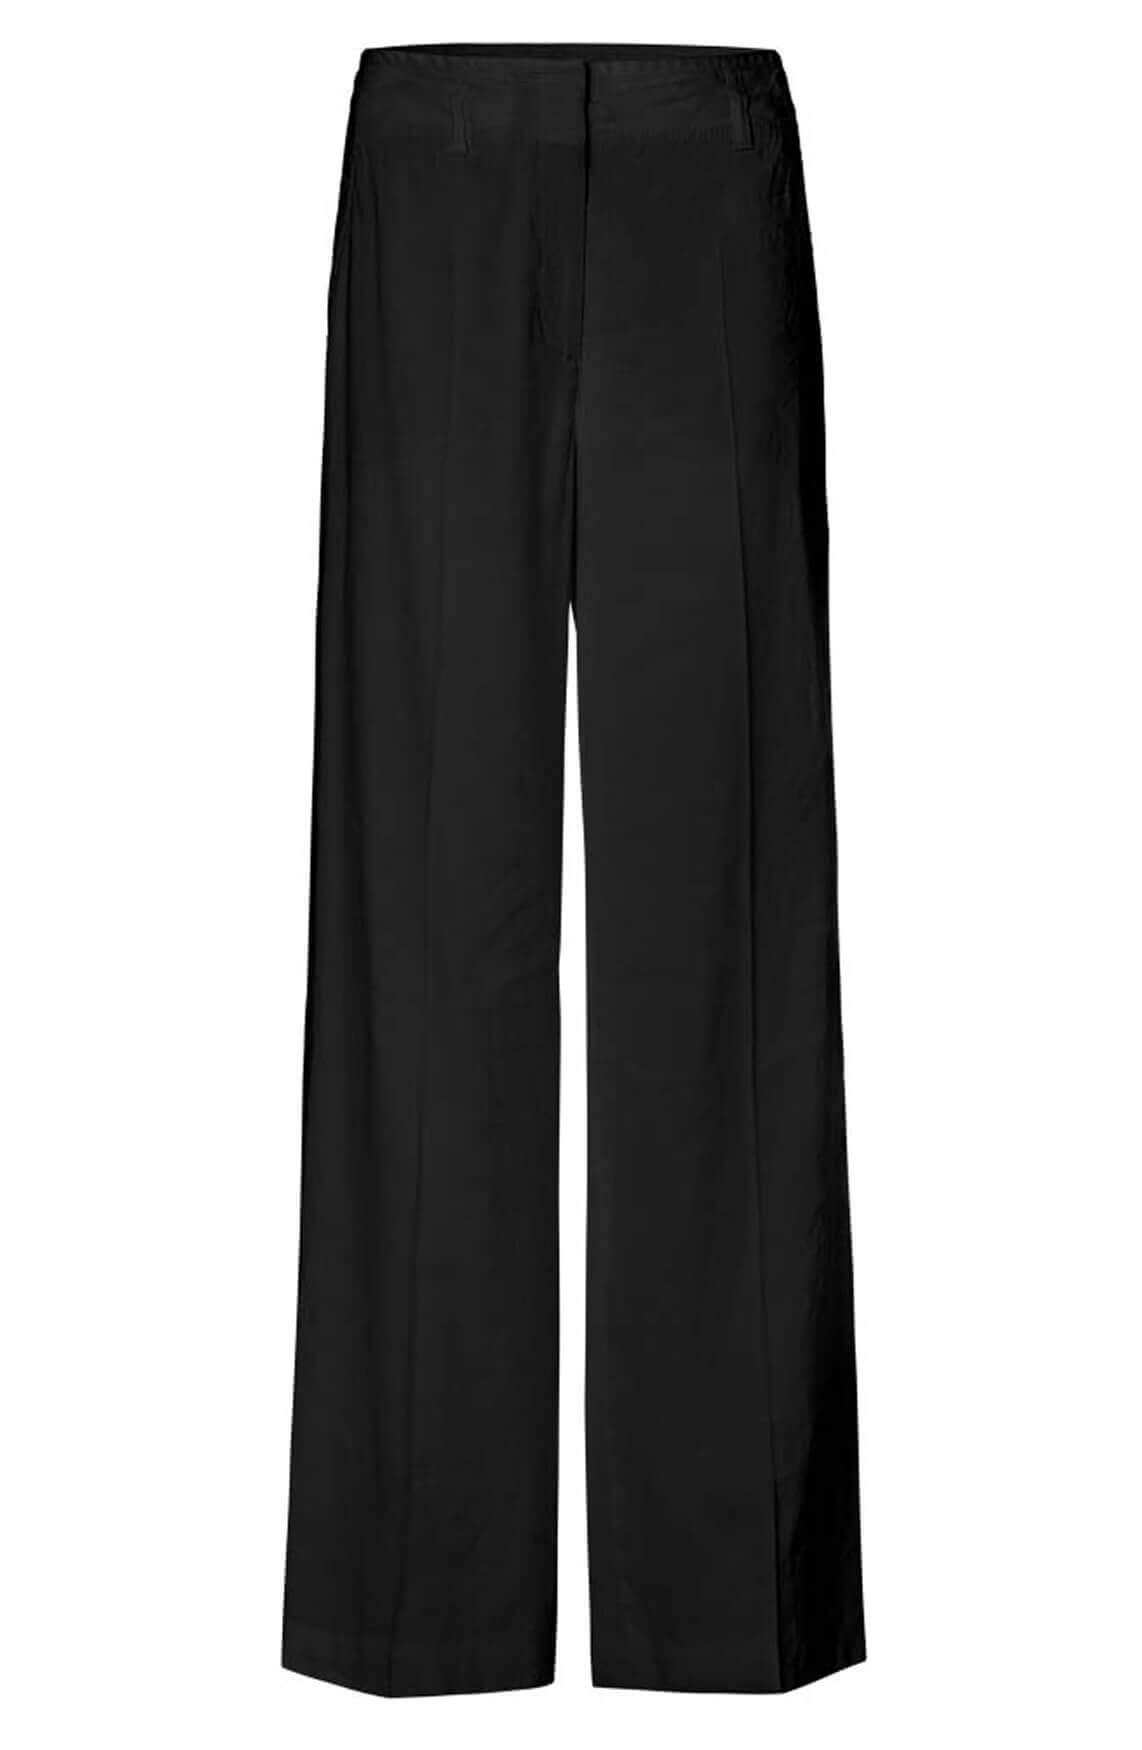 Marccain Dames Pantalon met linnen zwart